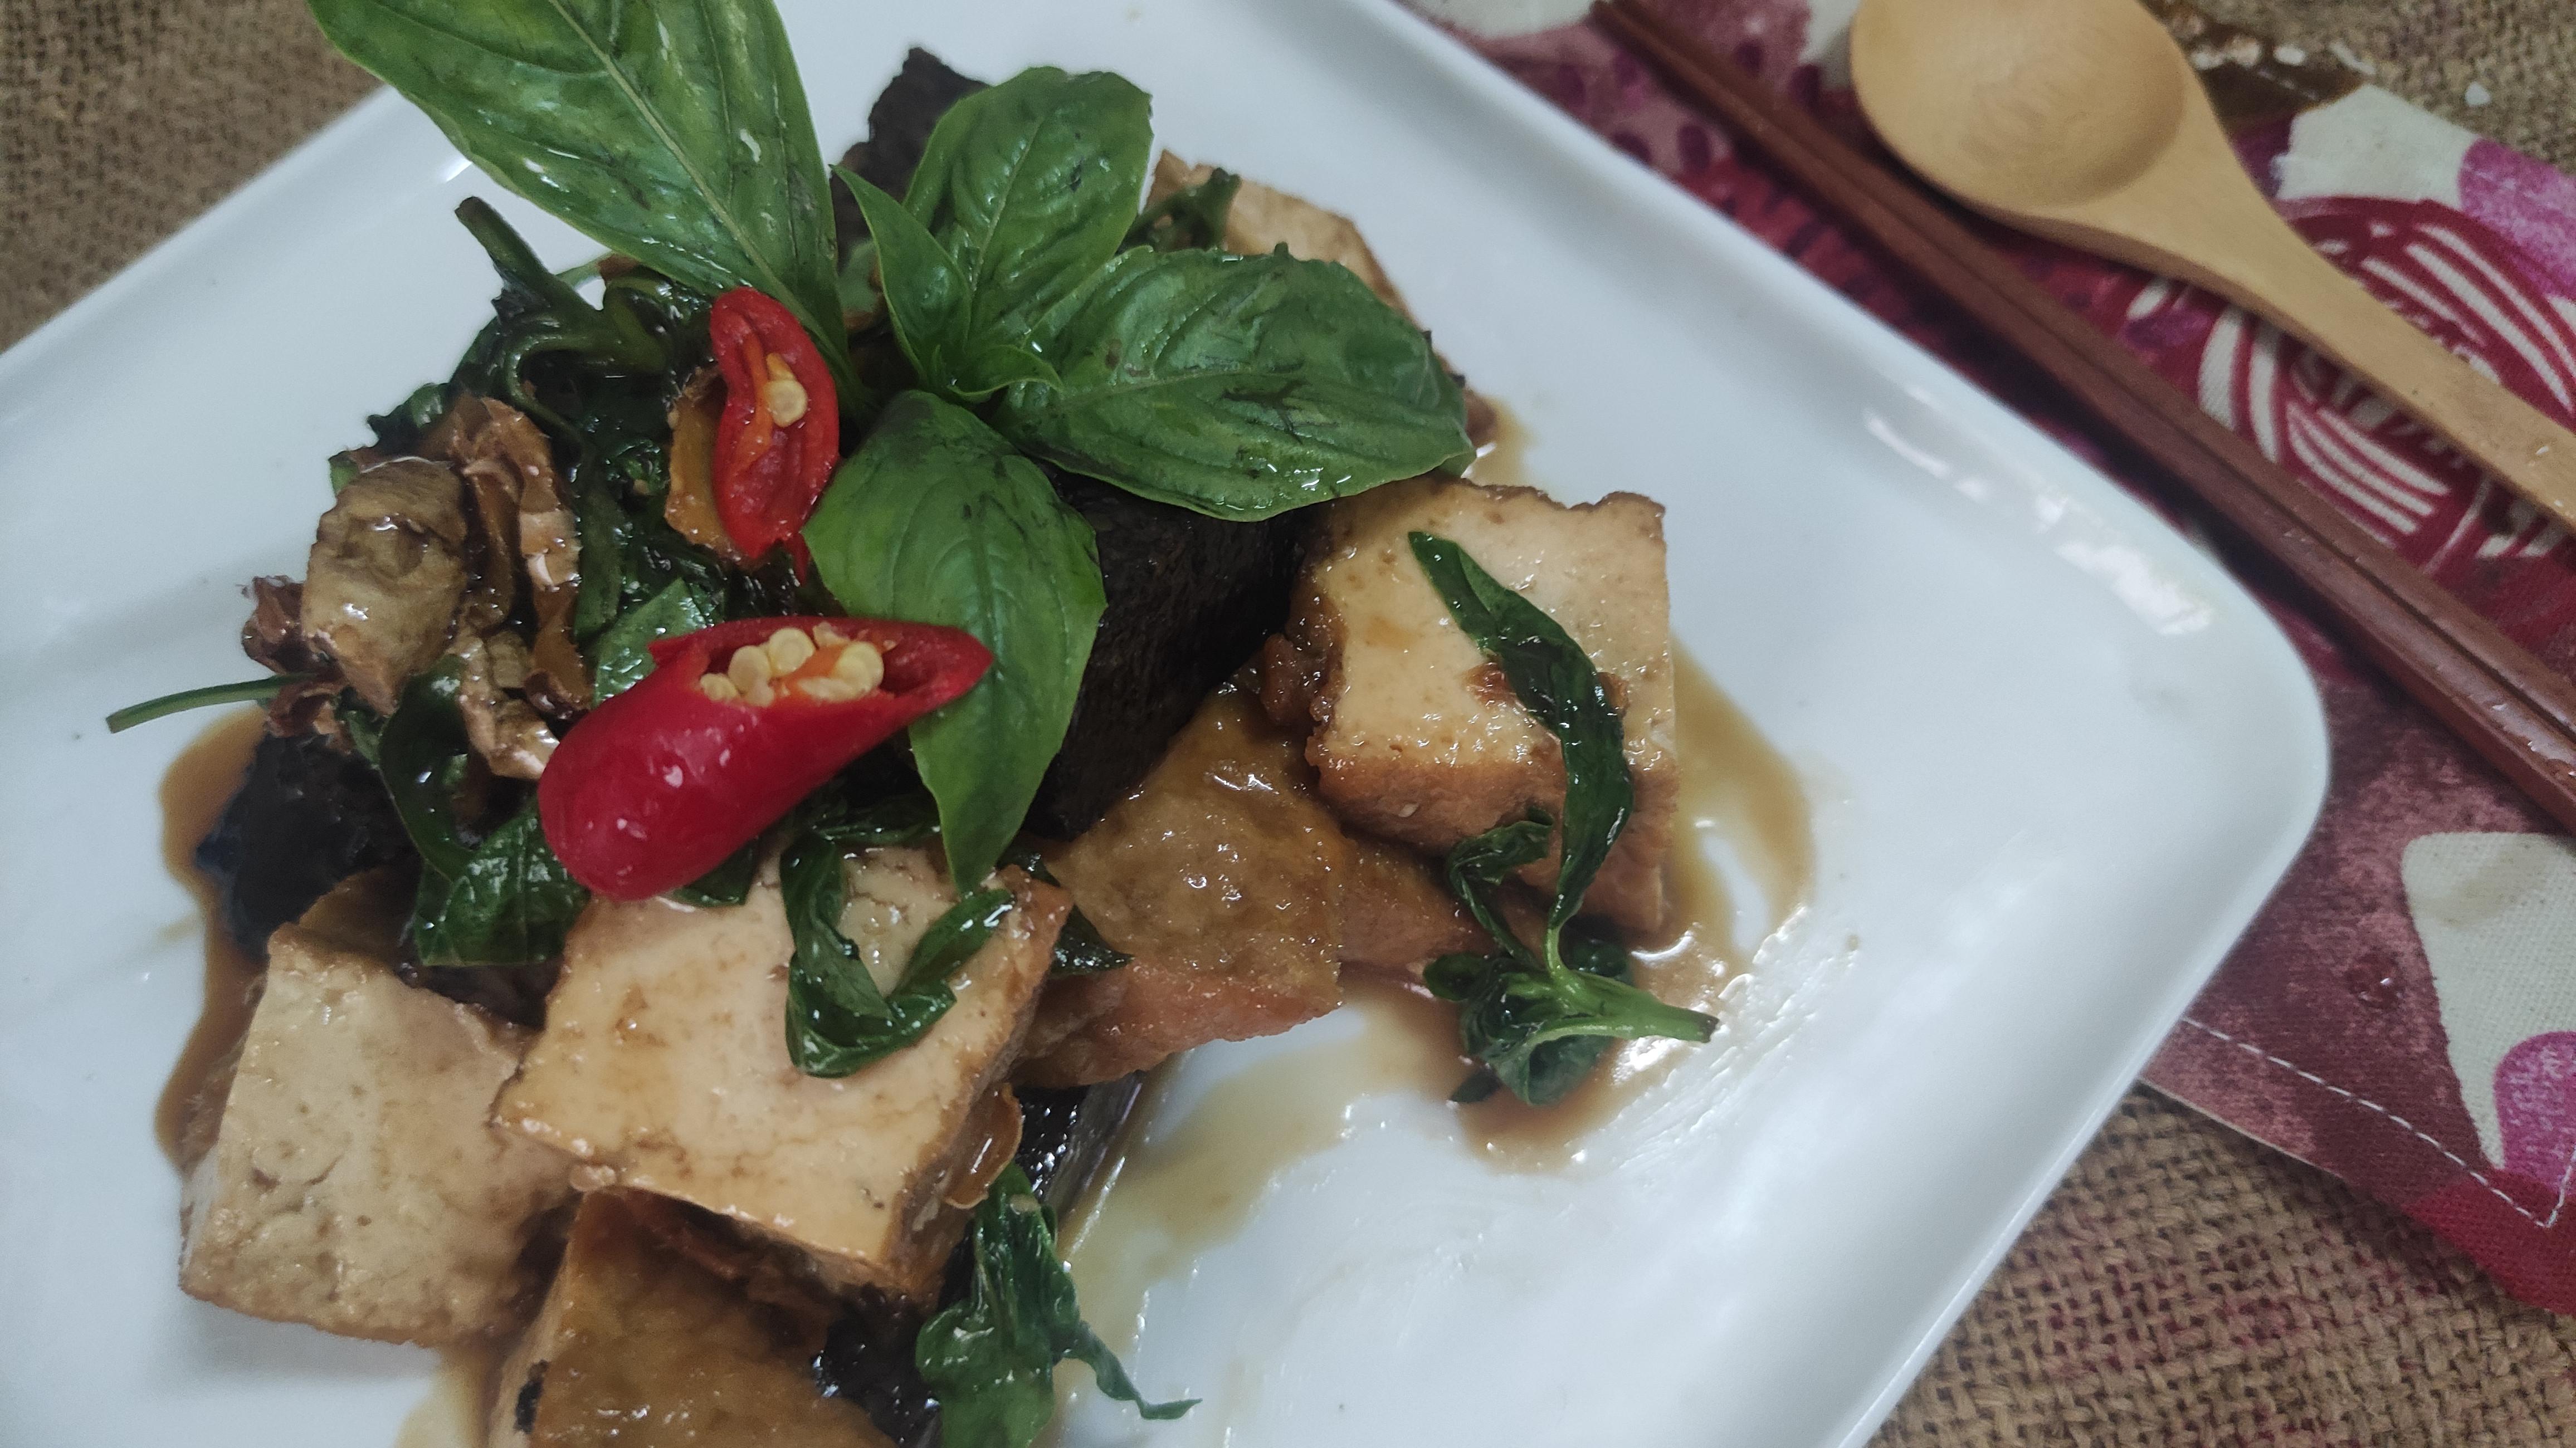 清冰箱料理-三杯油豆腐米血糕